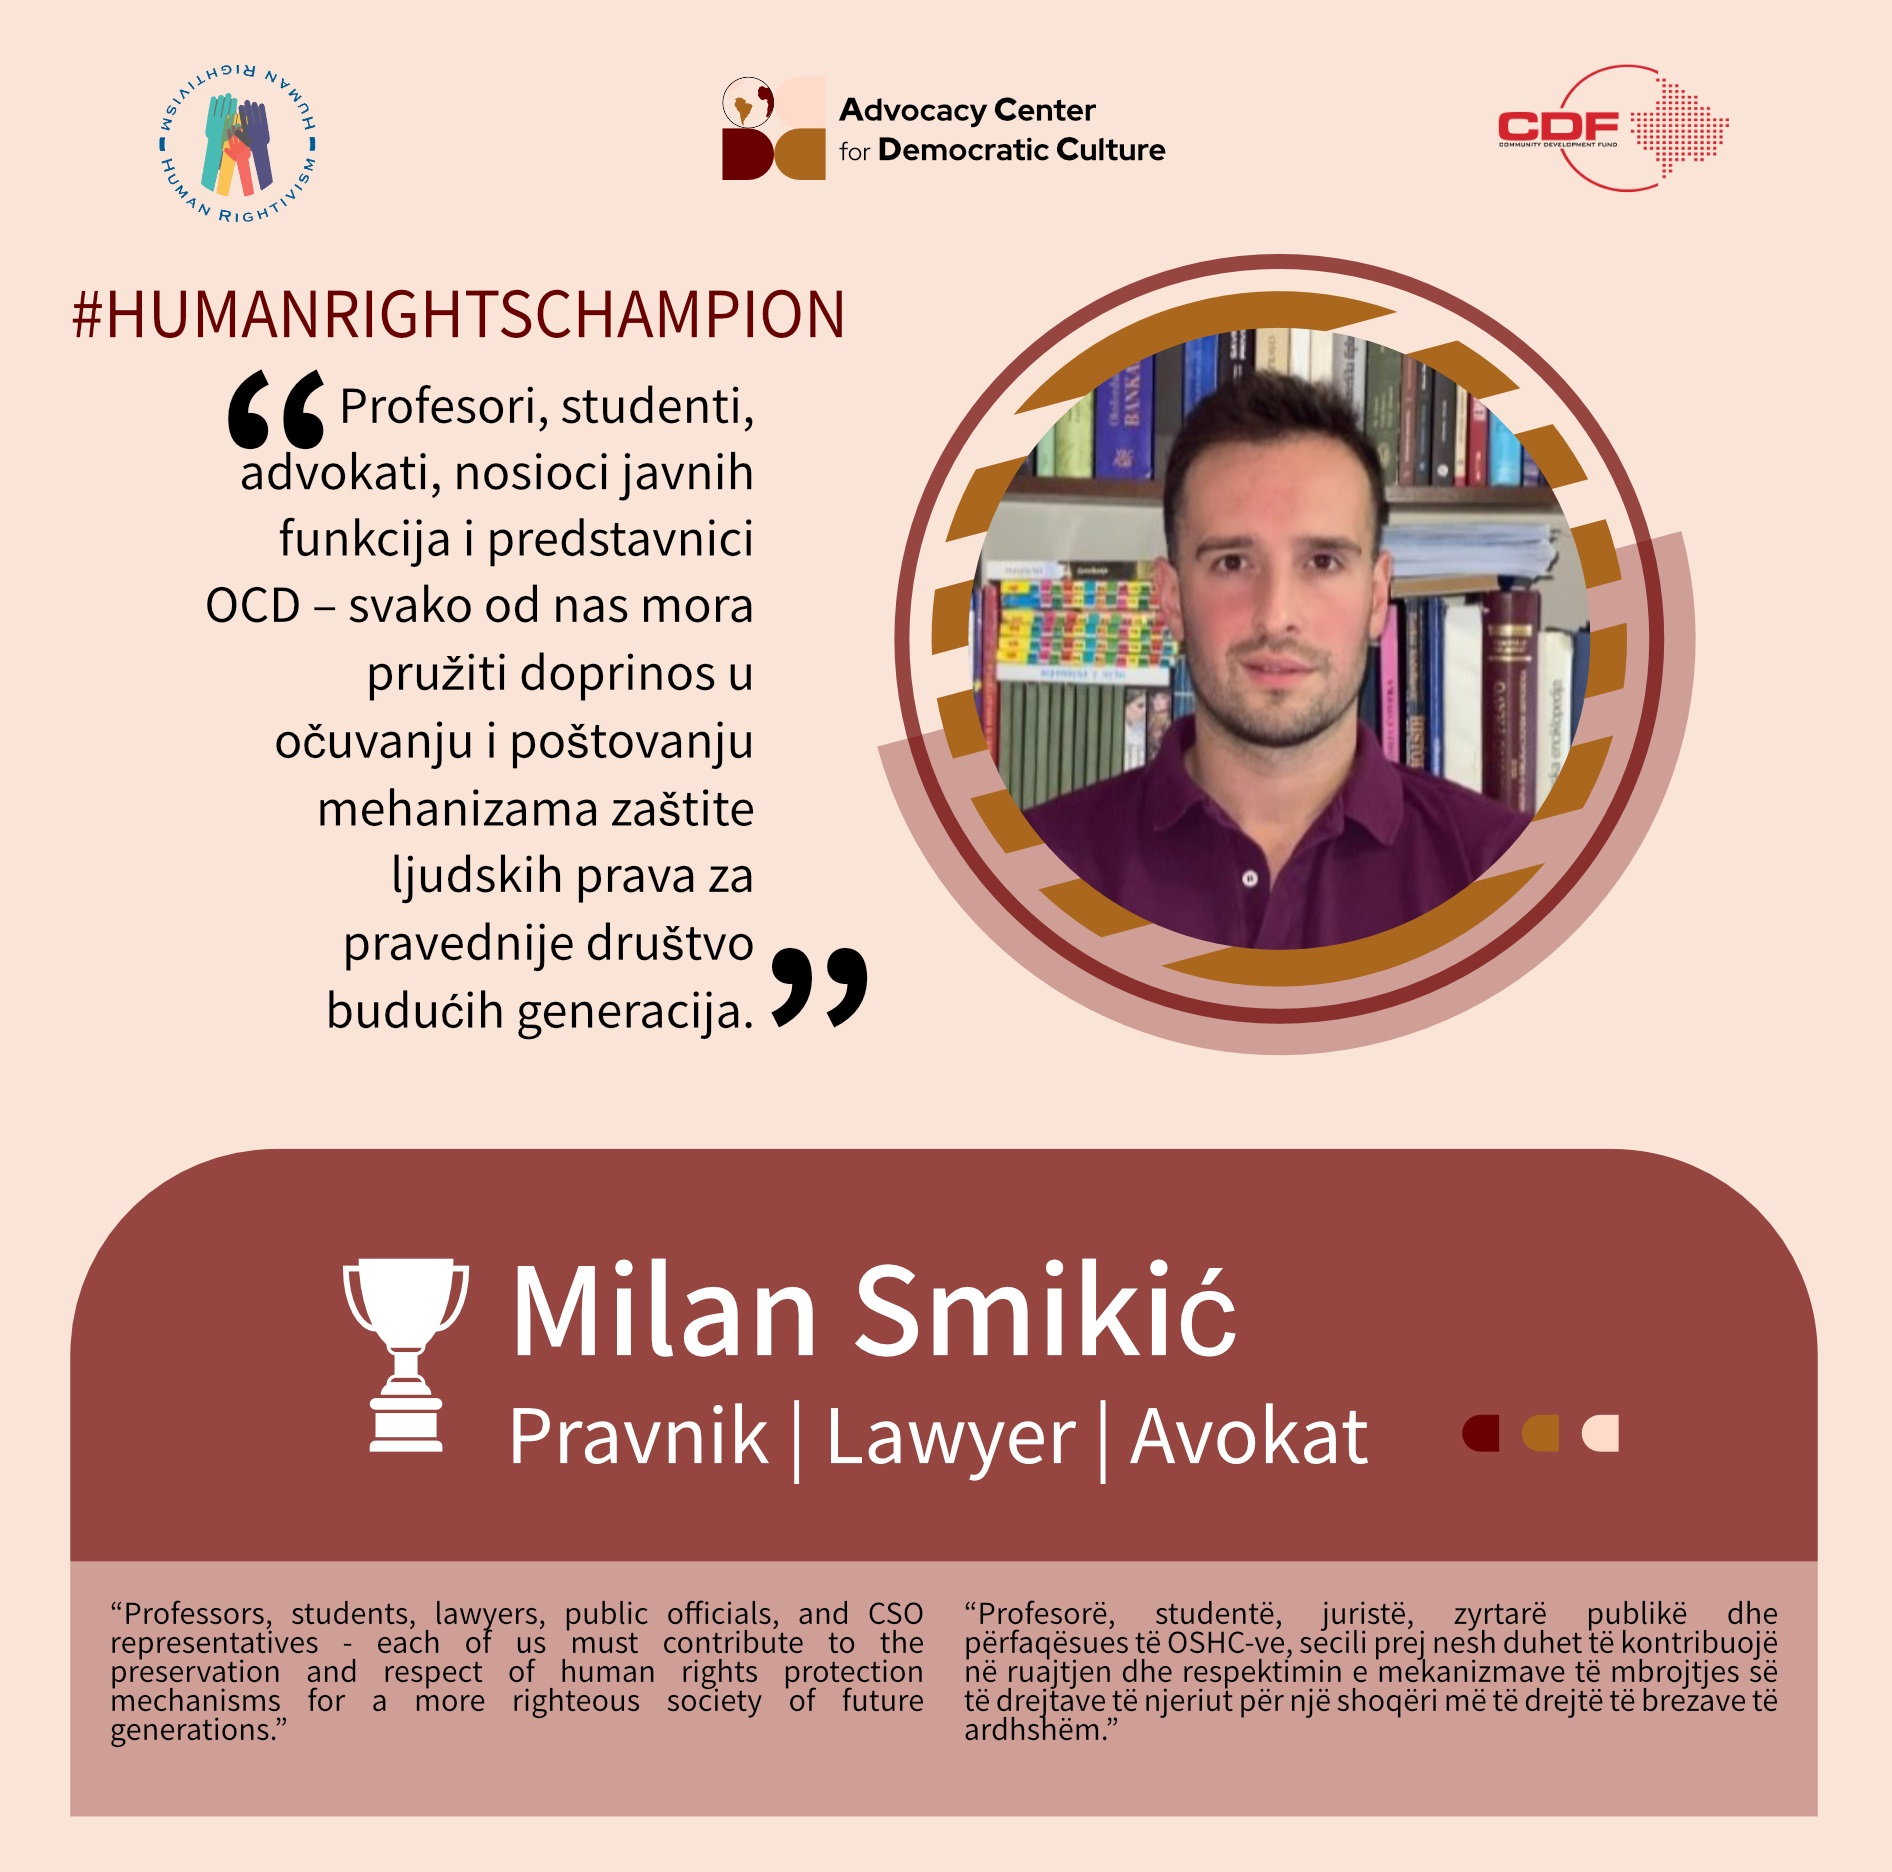 fushata-per-promovimin-e-te-drejtave-te-njeriut-humanrightschampion-milan-smikiq